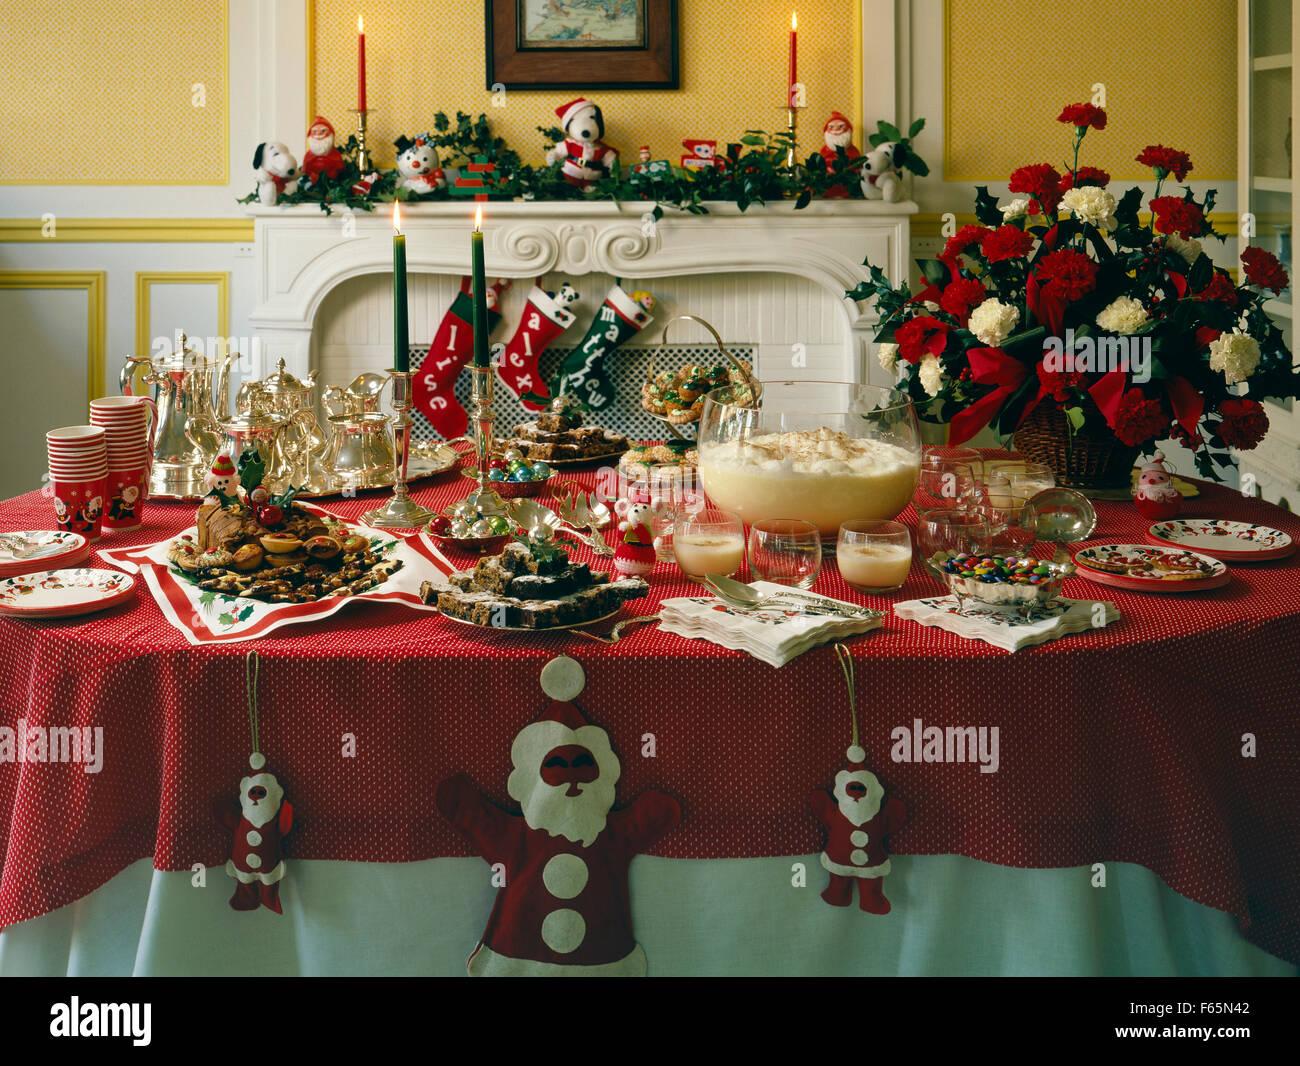 Weihnachten Tischdekoration In Den Usa Stockfoto Bild